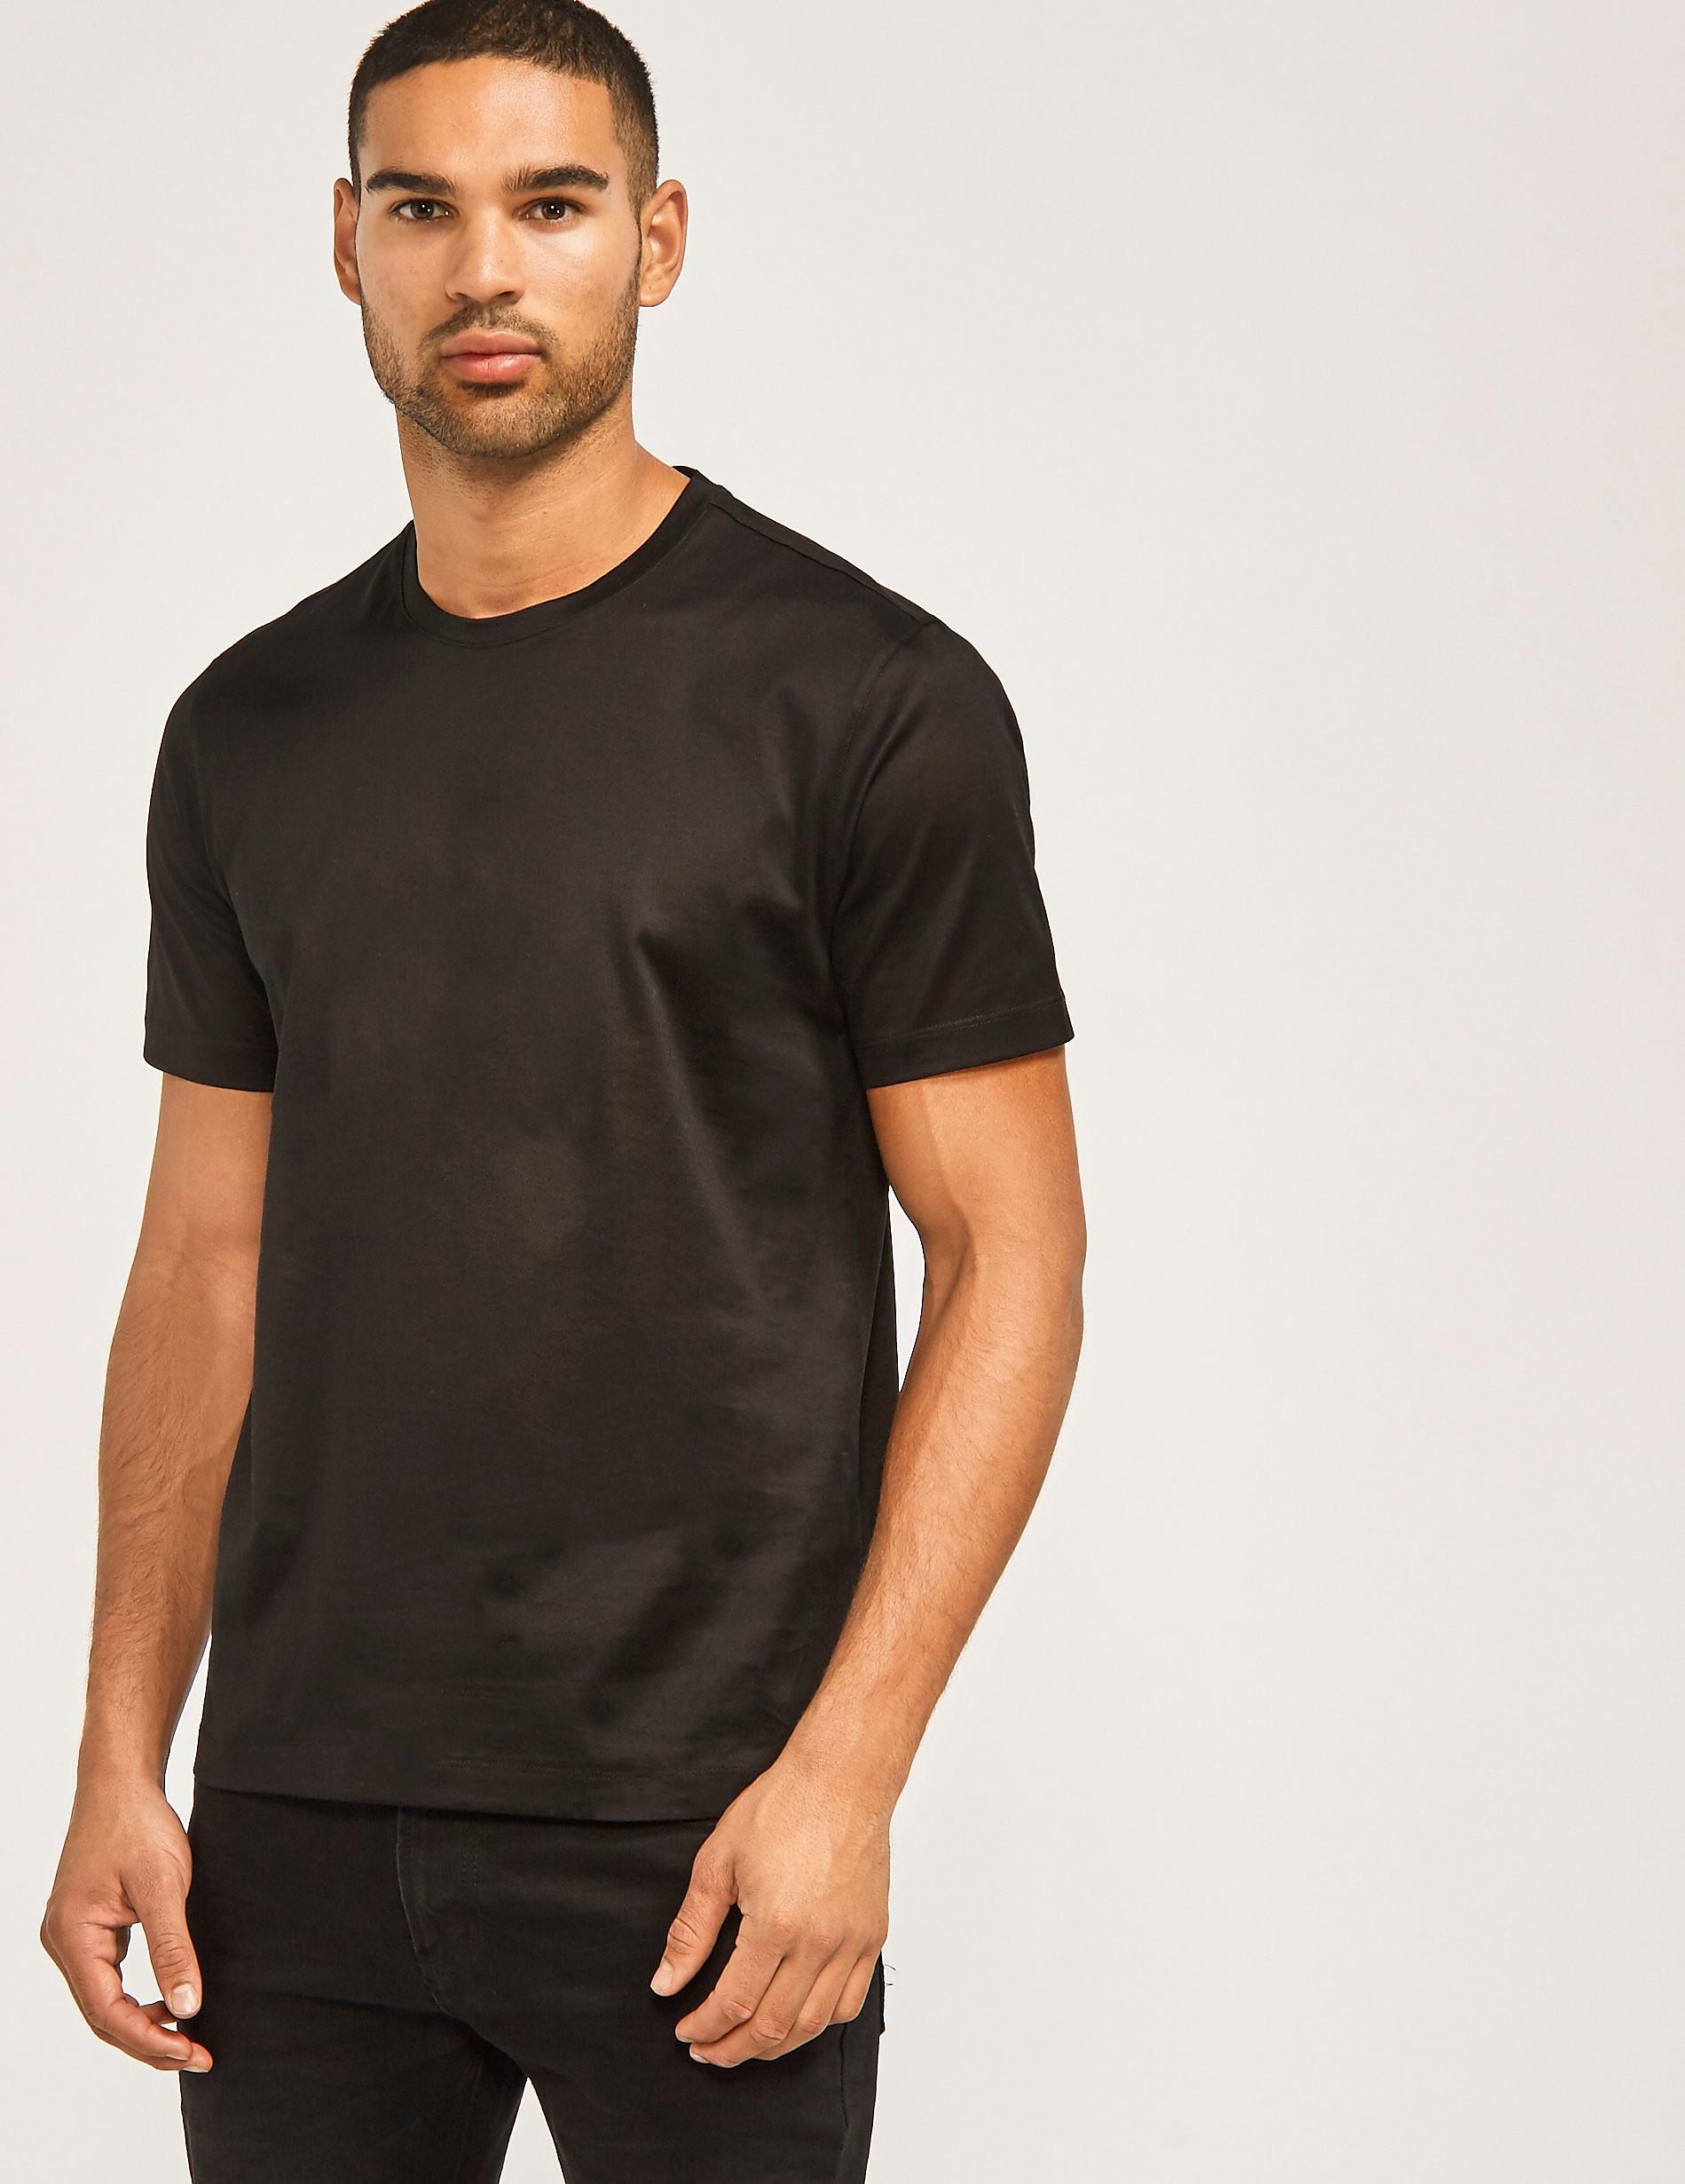 Z Zegna Crew T-Shirt